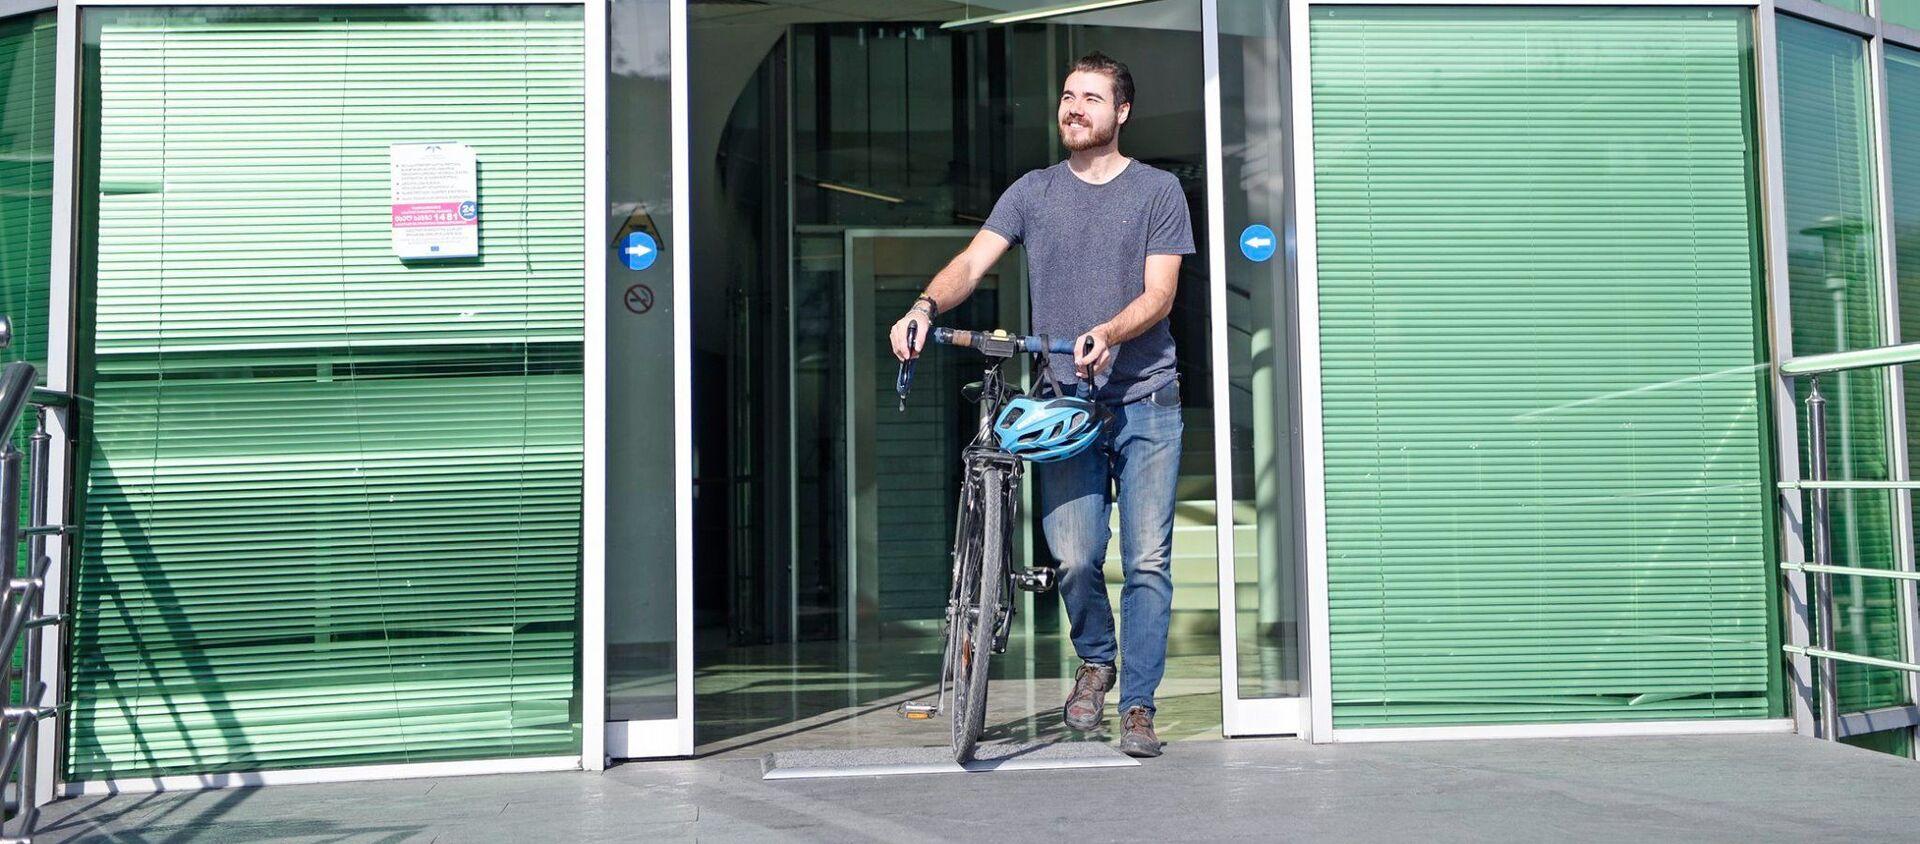 ბრიტანელ მოგზაურს თბილისში მოპარული ველოსიპედი დაუბრუნეს - Sputnik საქართველო, 1920, 28.01.2020